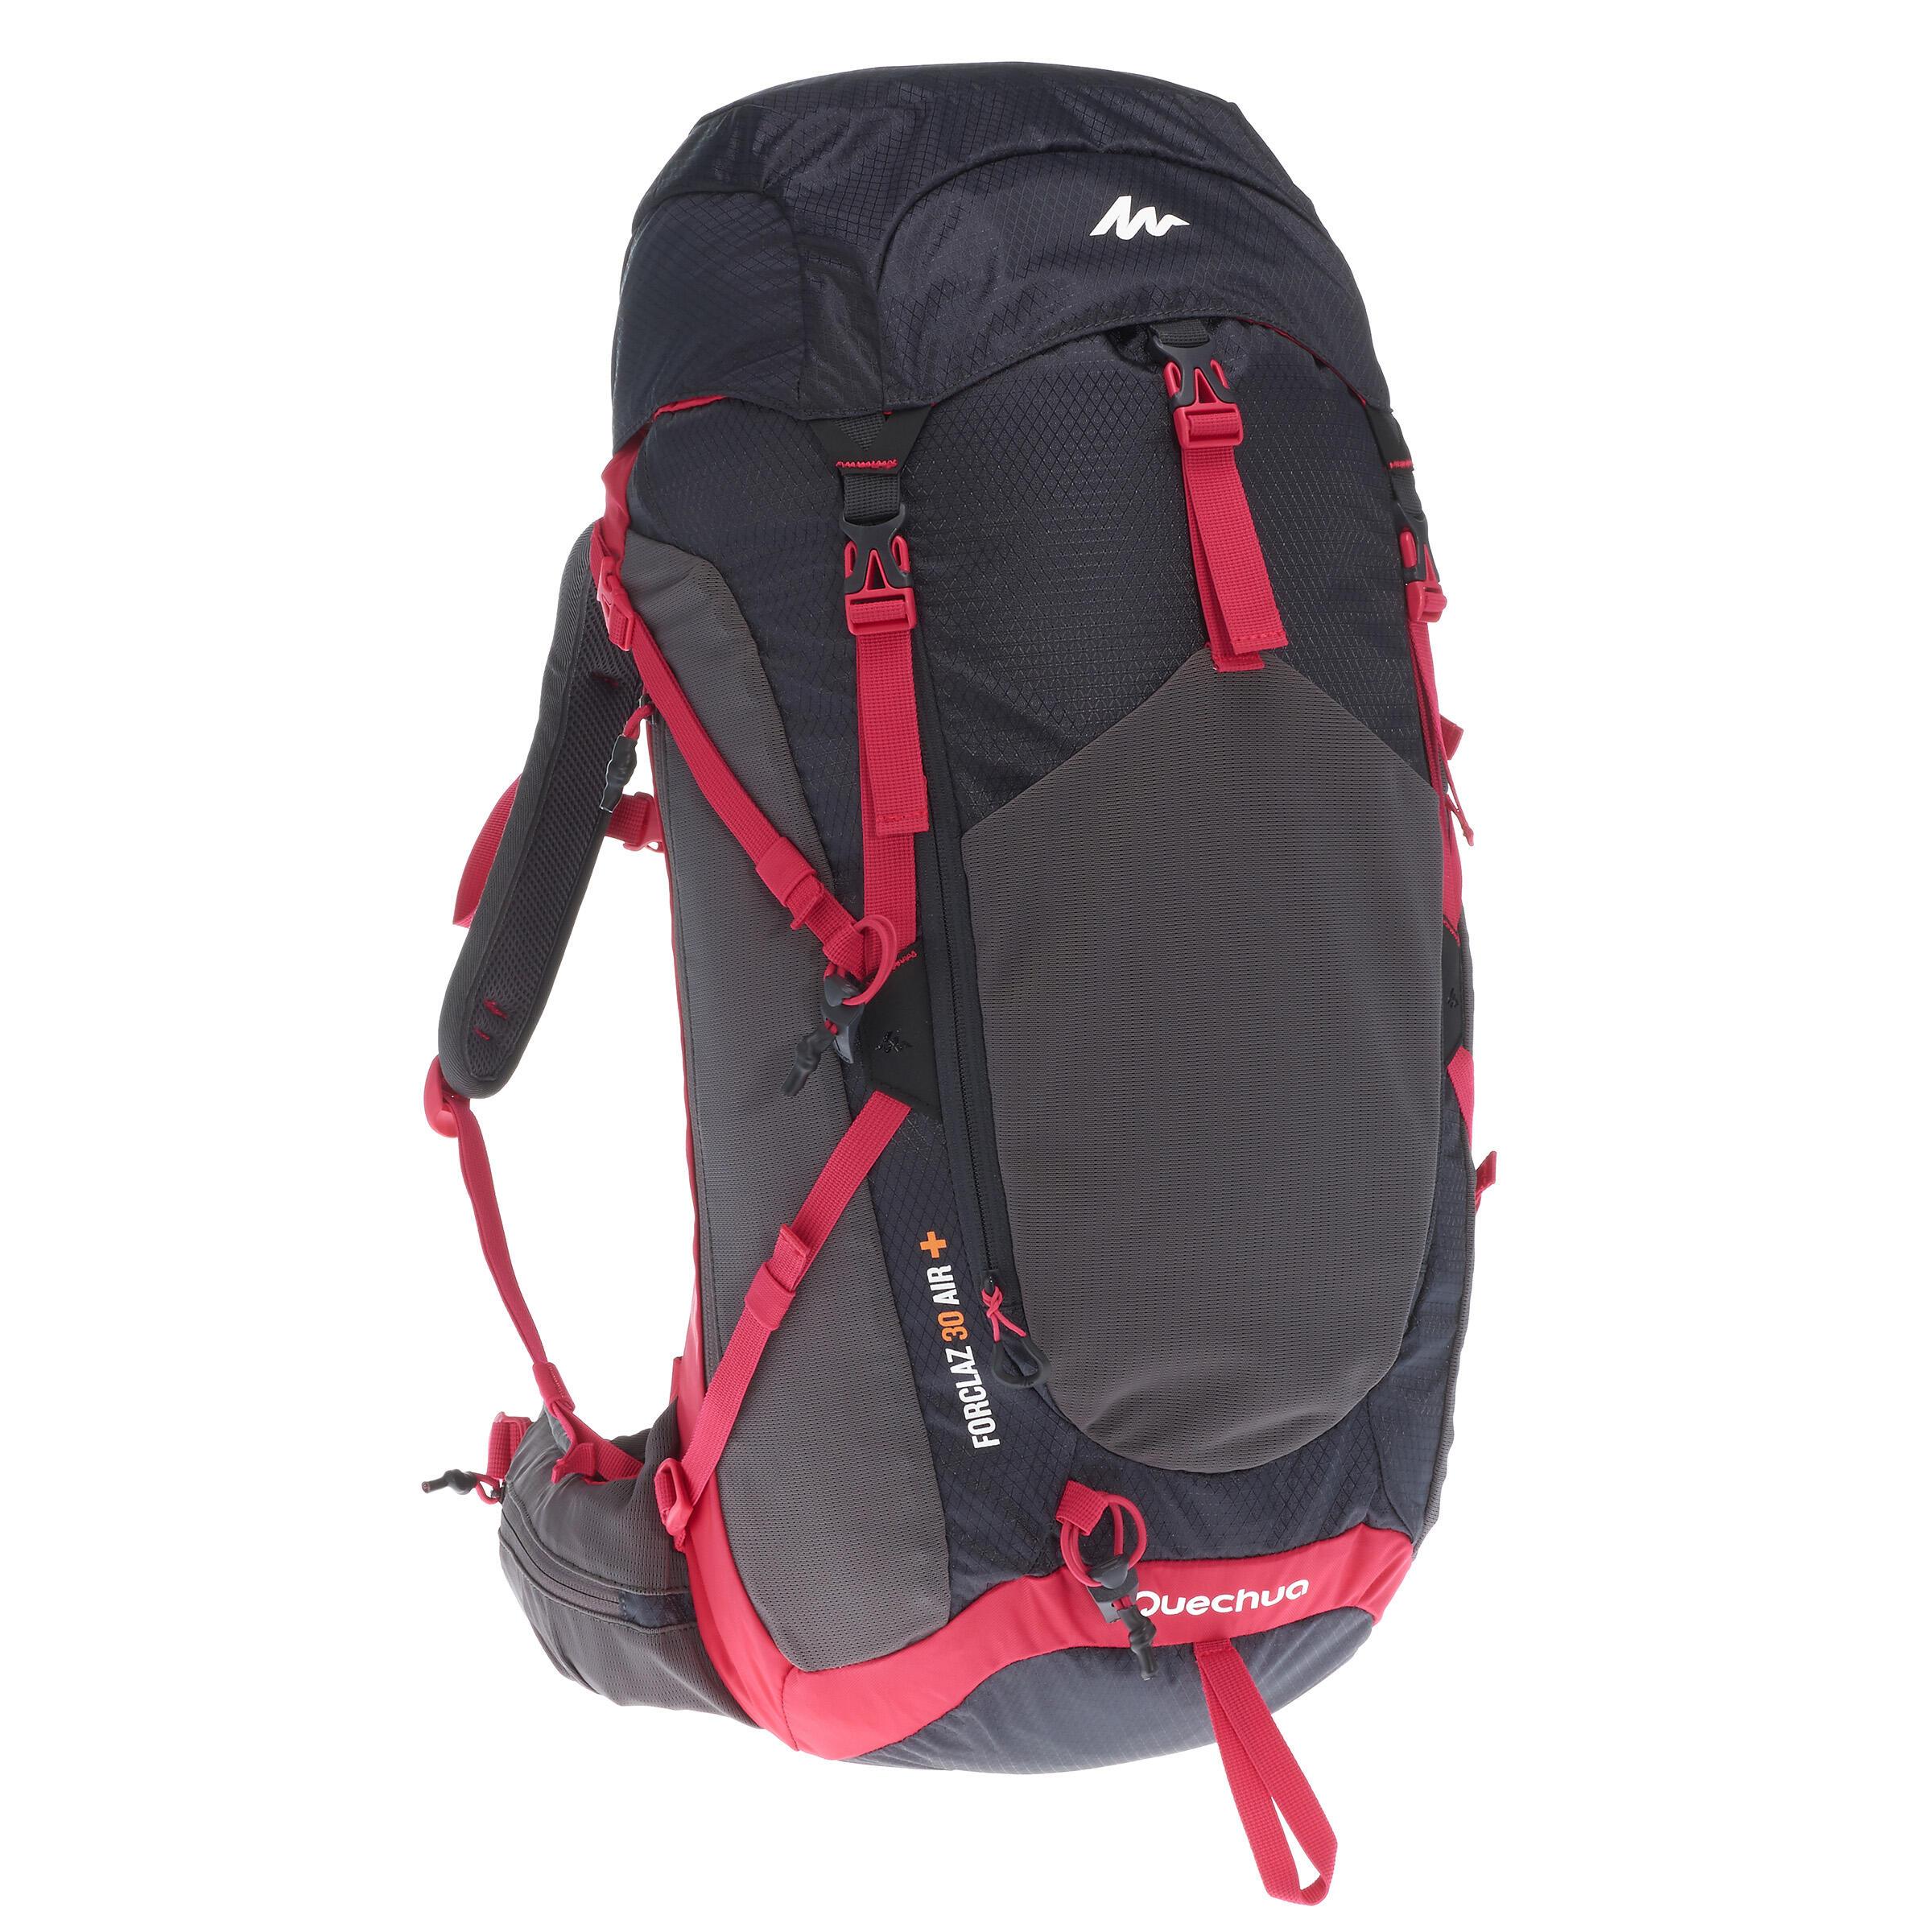 13af6a2879e Quechua Wandelrugzak voor bergtochten MH500 30 liter dames zwart roze |  Decathlon.nl